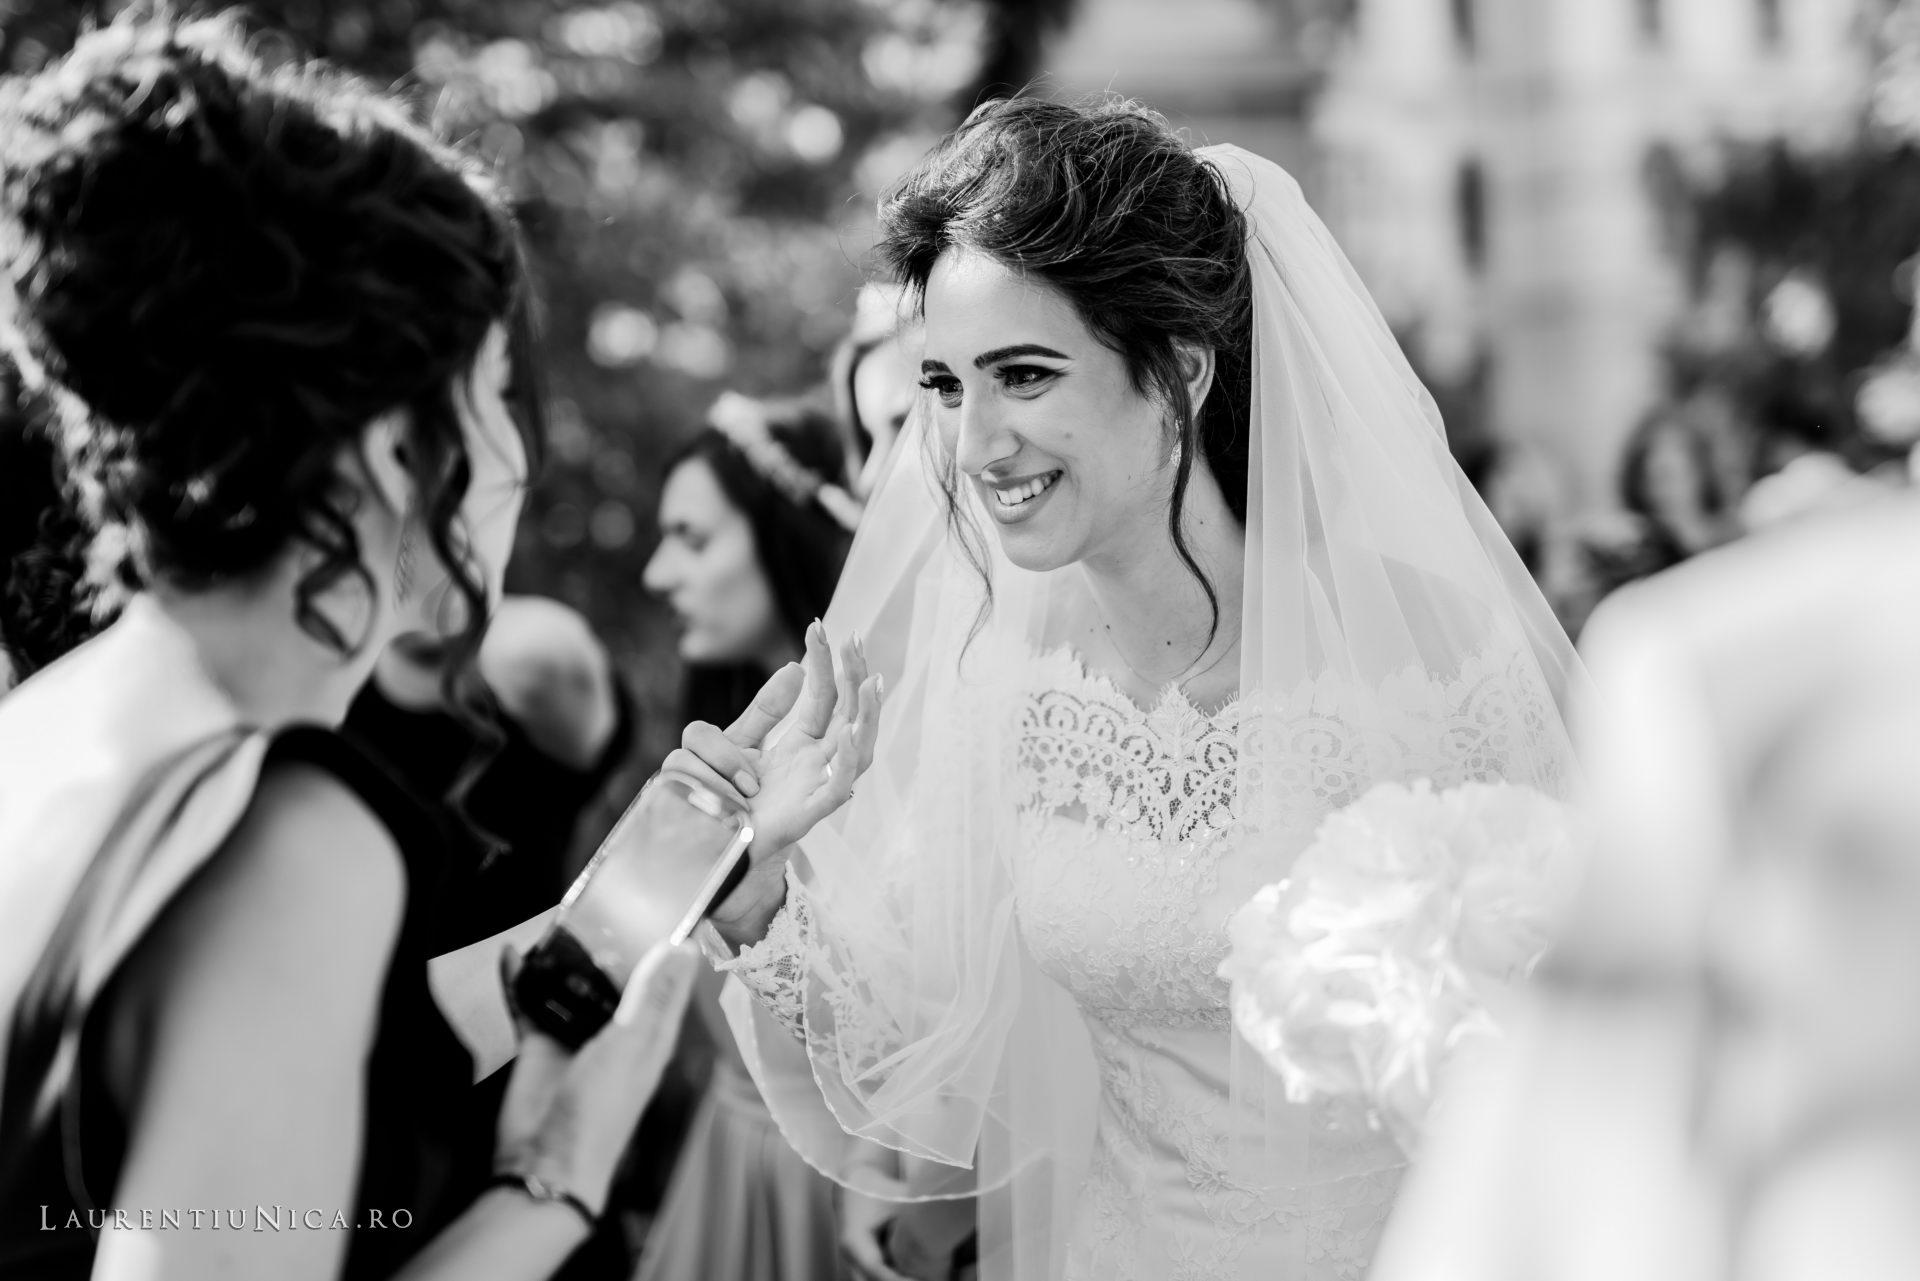 Cristina si Ovidiu nunta Craiova fotograf laurentiu nica 094 - Cristina & Ovidiu | Fotografii nunta | Craiova